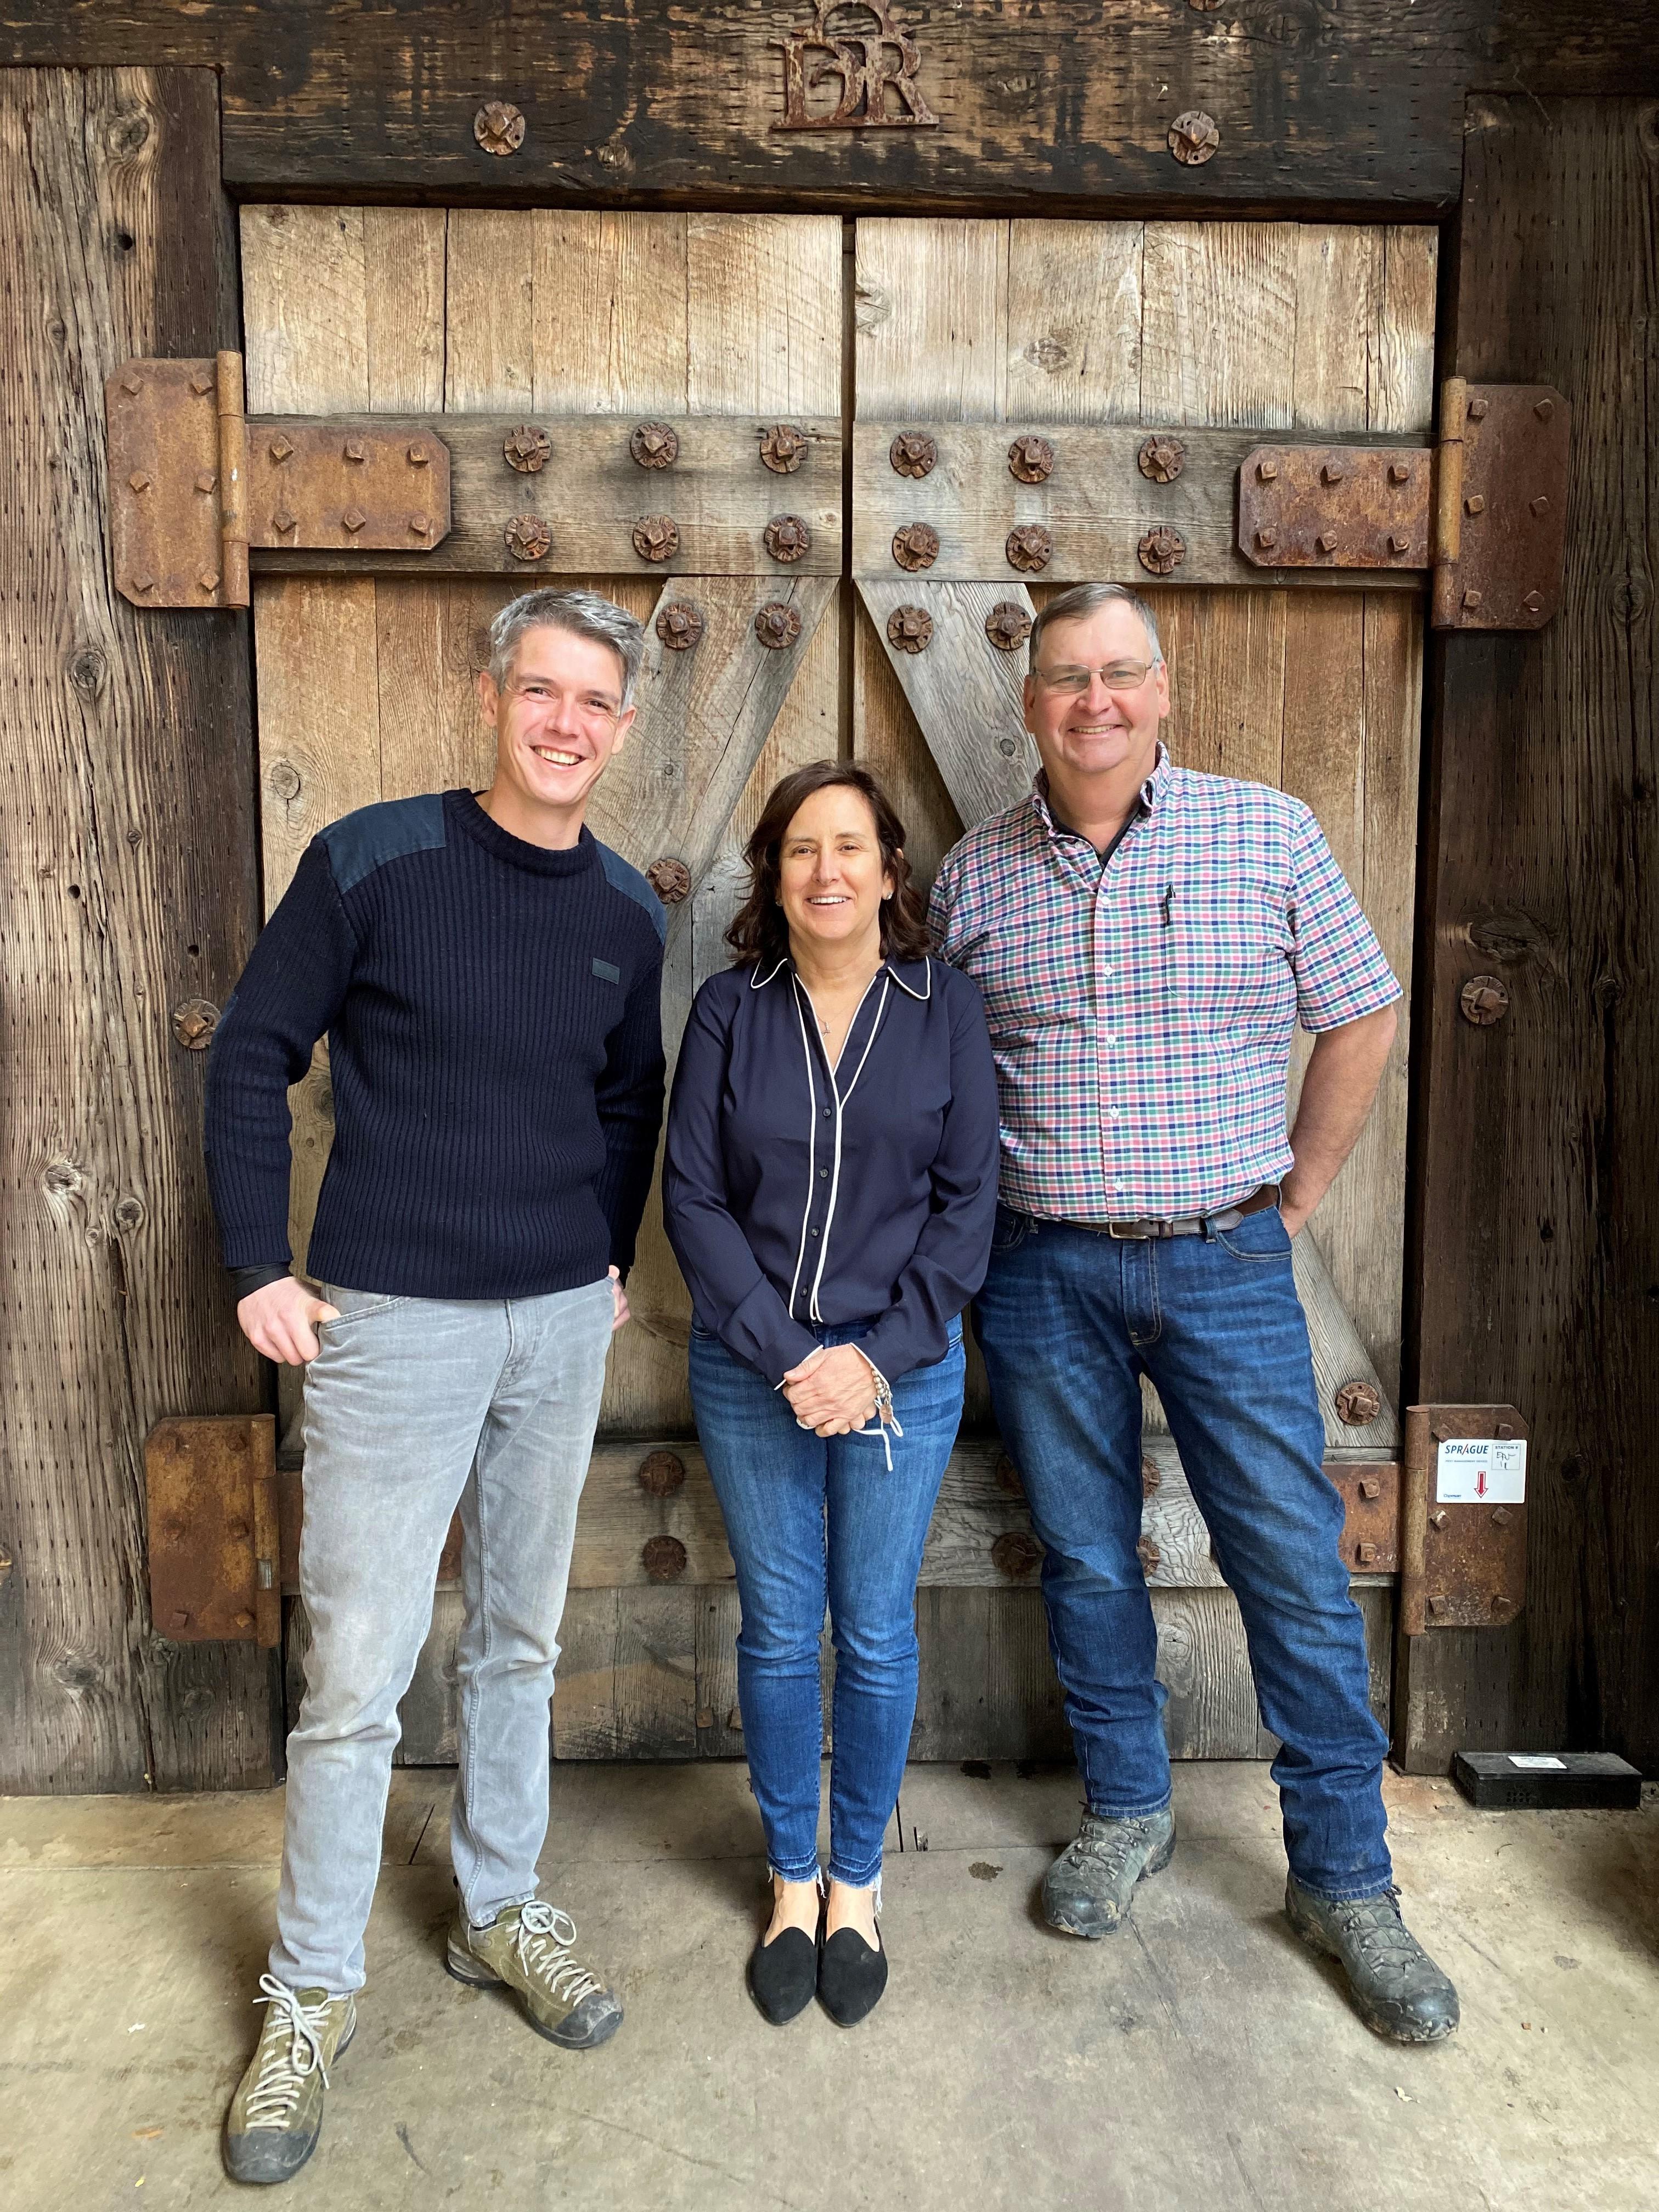 左 JEAN-MICHEL JUSSIAUME (Winemaker) 中 JOLEE WALLACE (Owner) 右 ROB WALLACE (Owner)